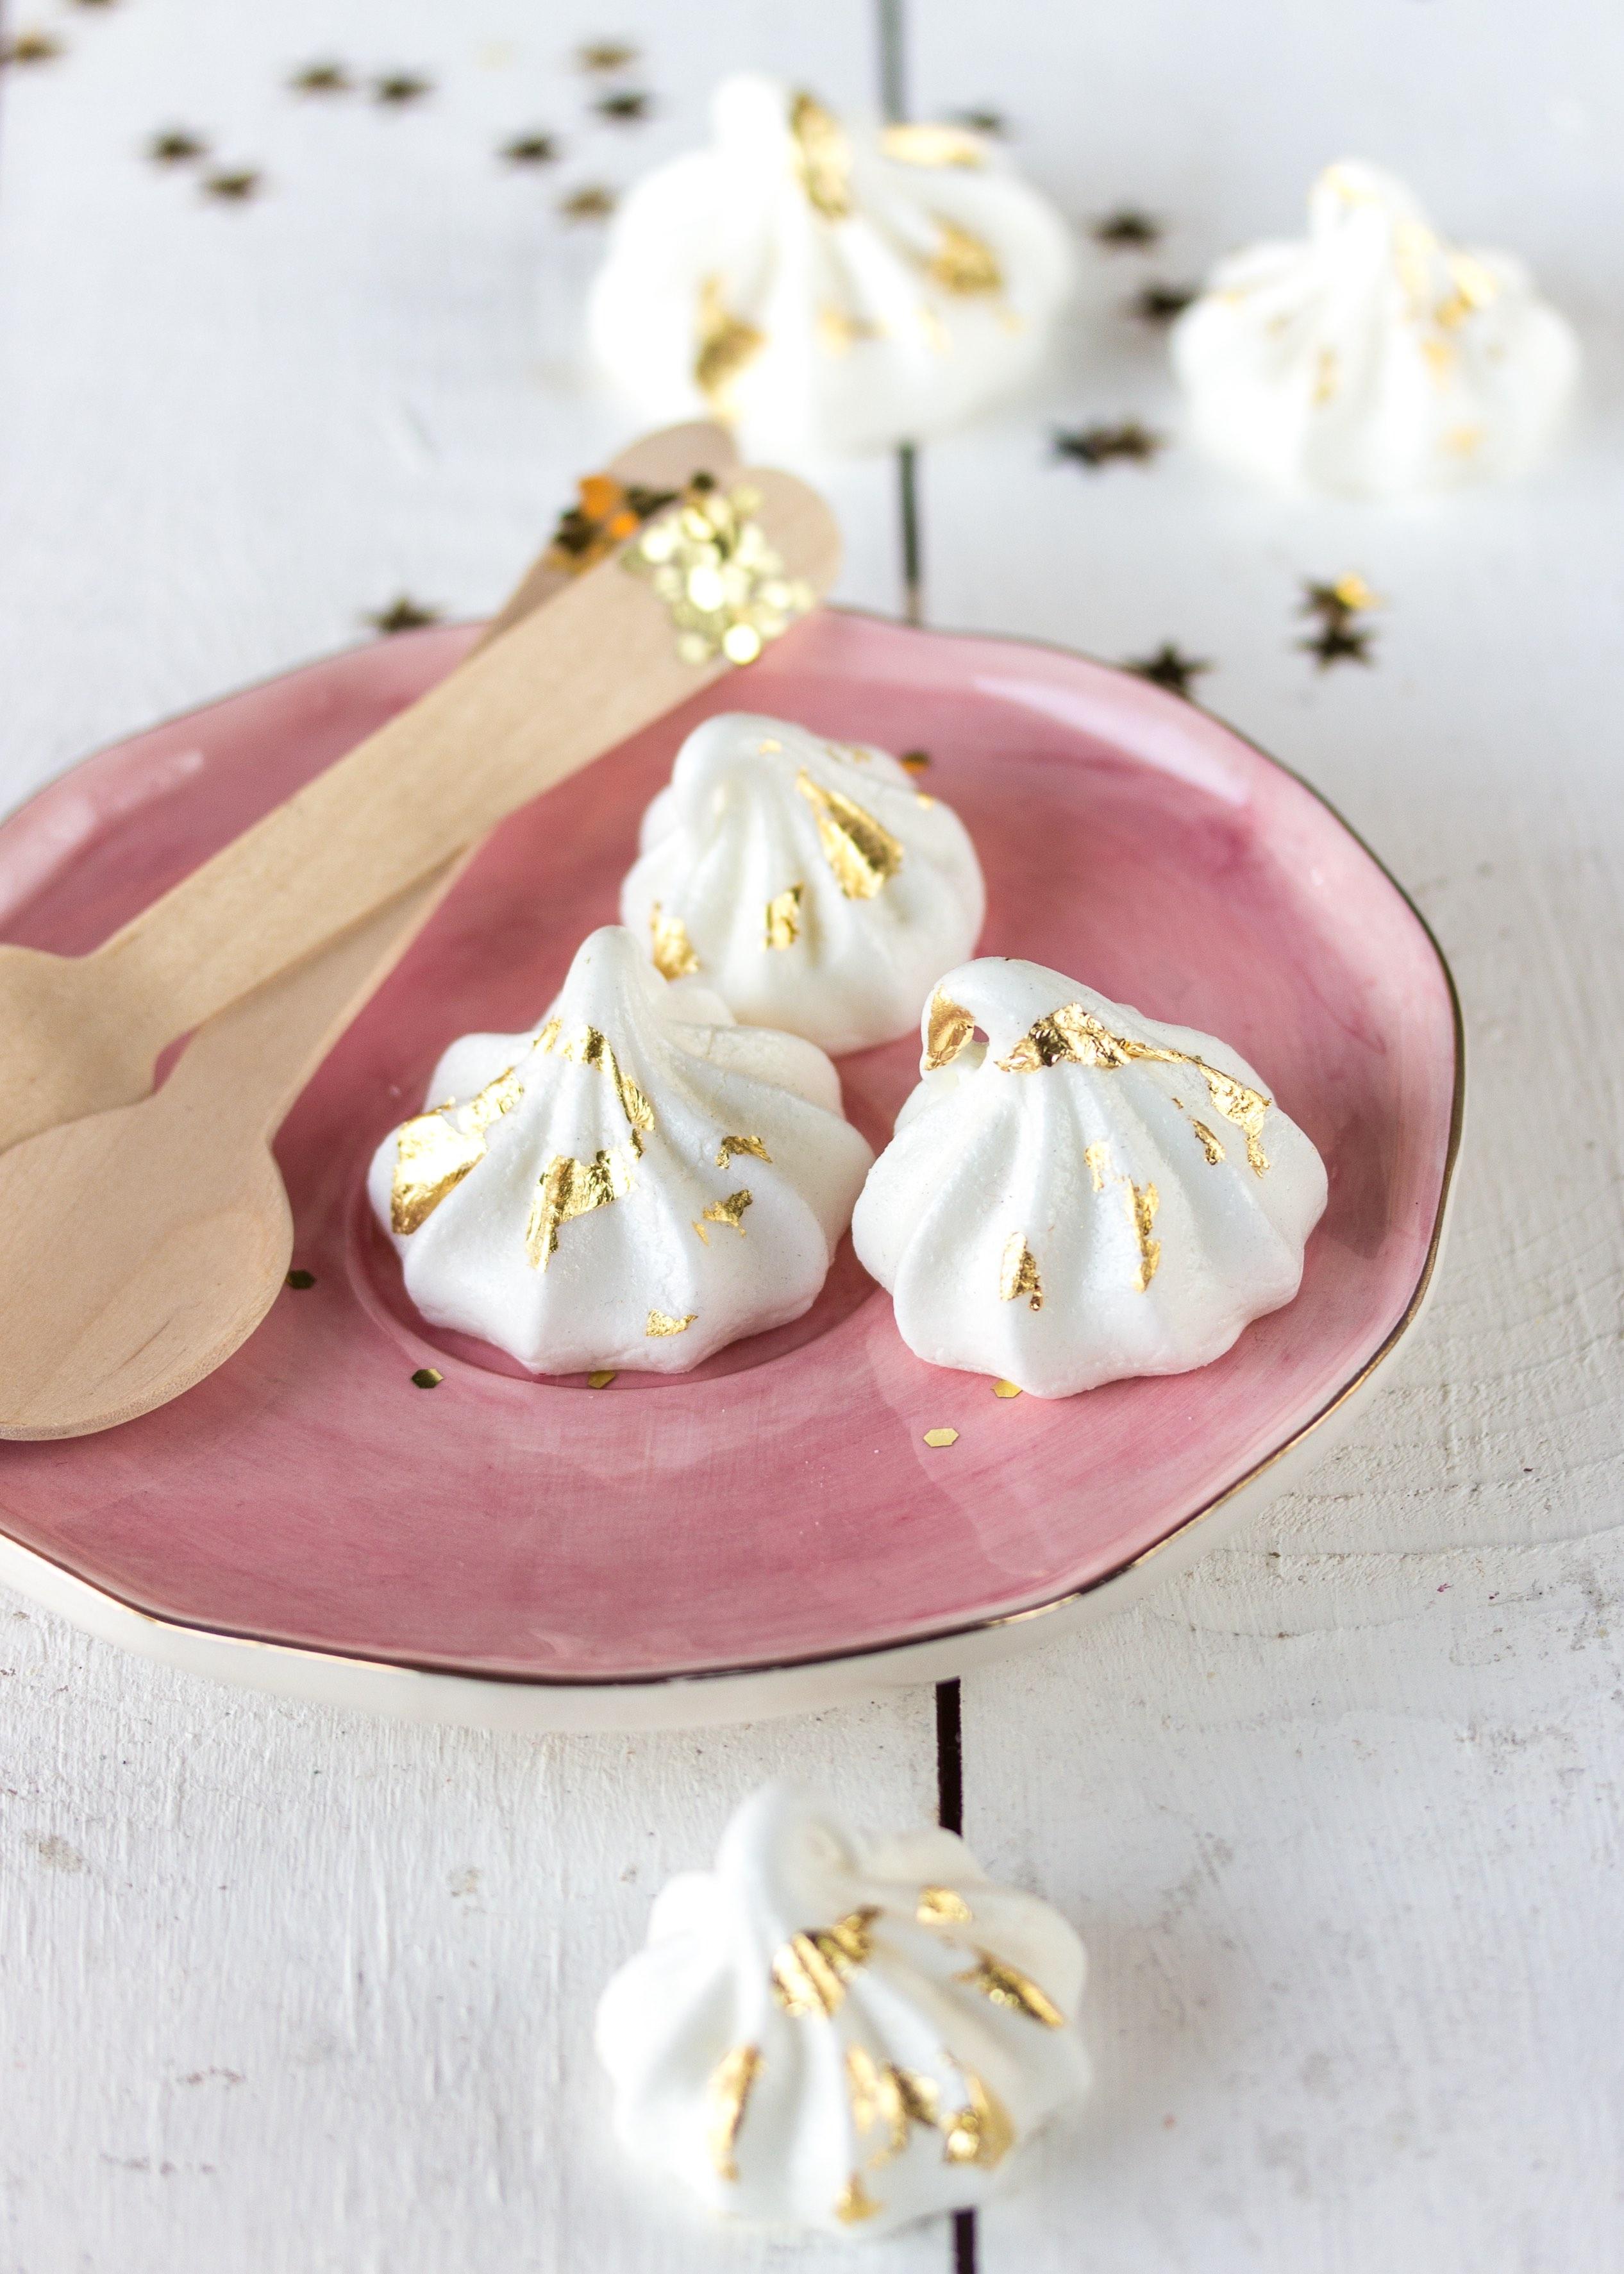 Silvester Dessert: Apfel Bienenstich im Glas Rezept einfach lecker Baiser